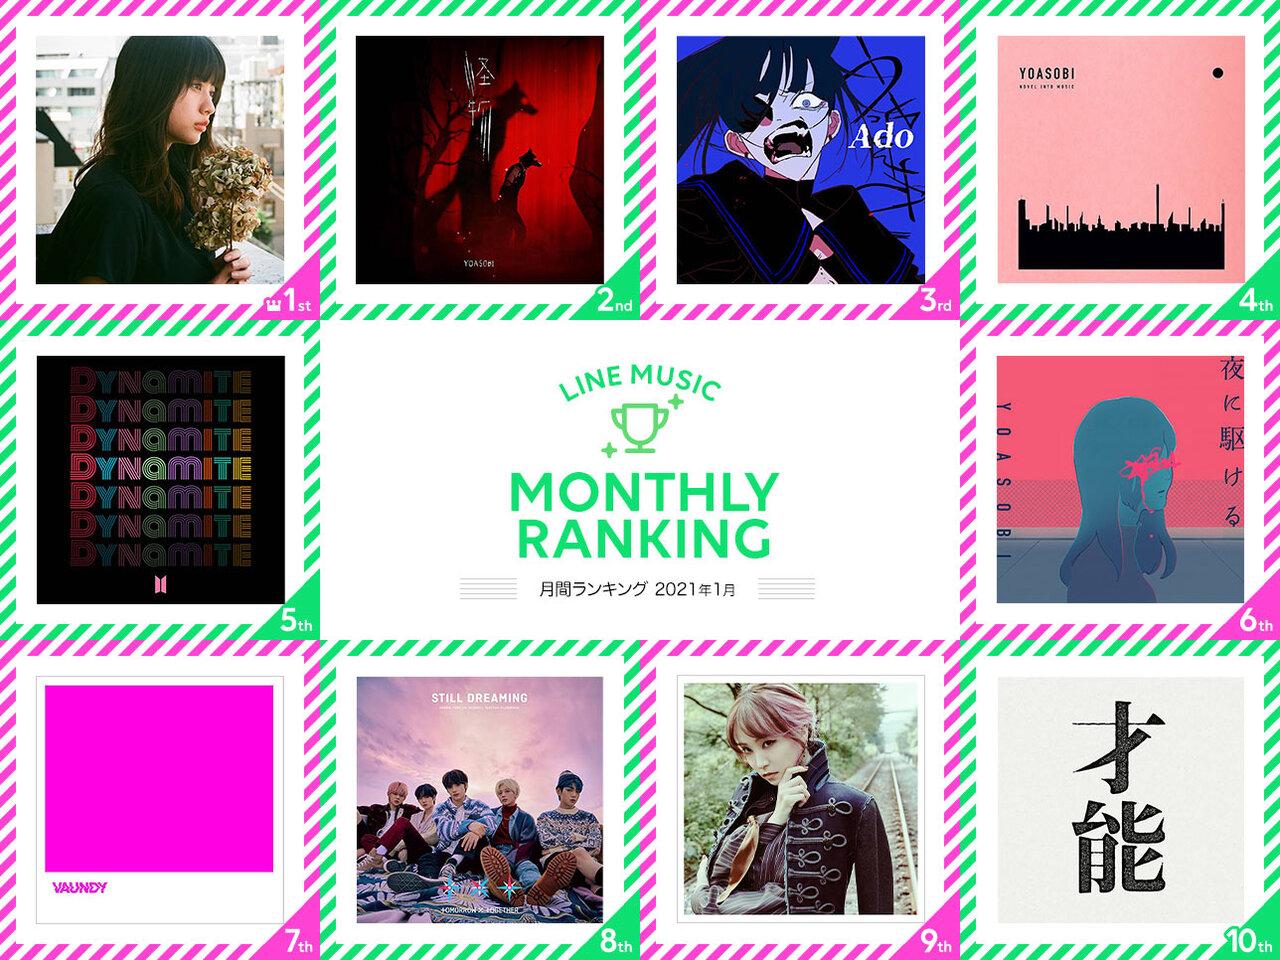 「優里」人気が止まらない!LINE MUSIC1月の月間ランキング発表☆